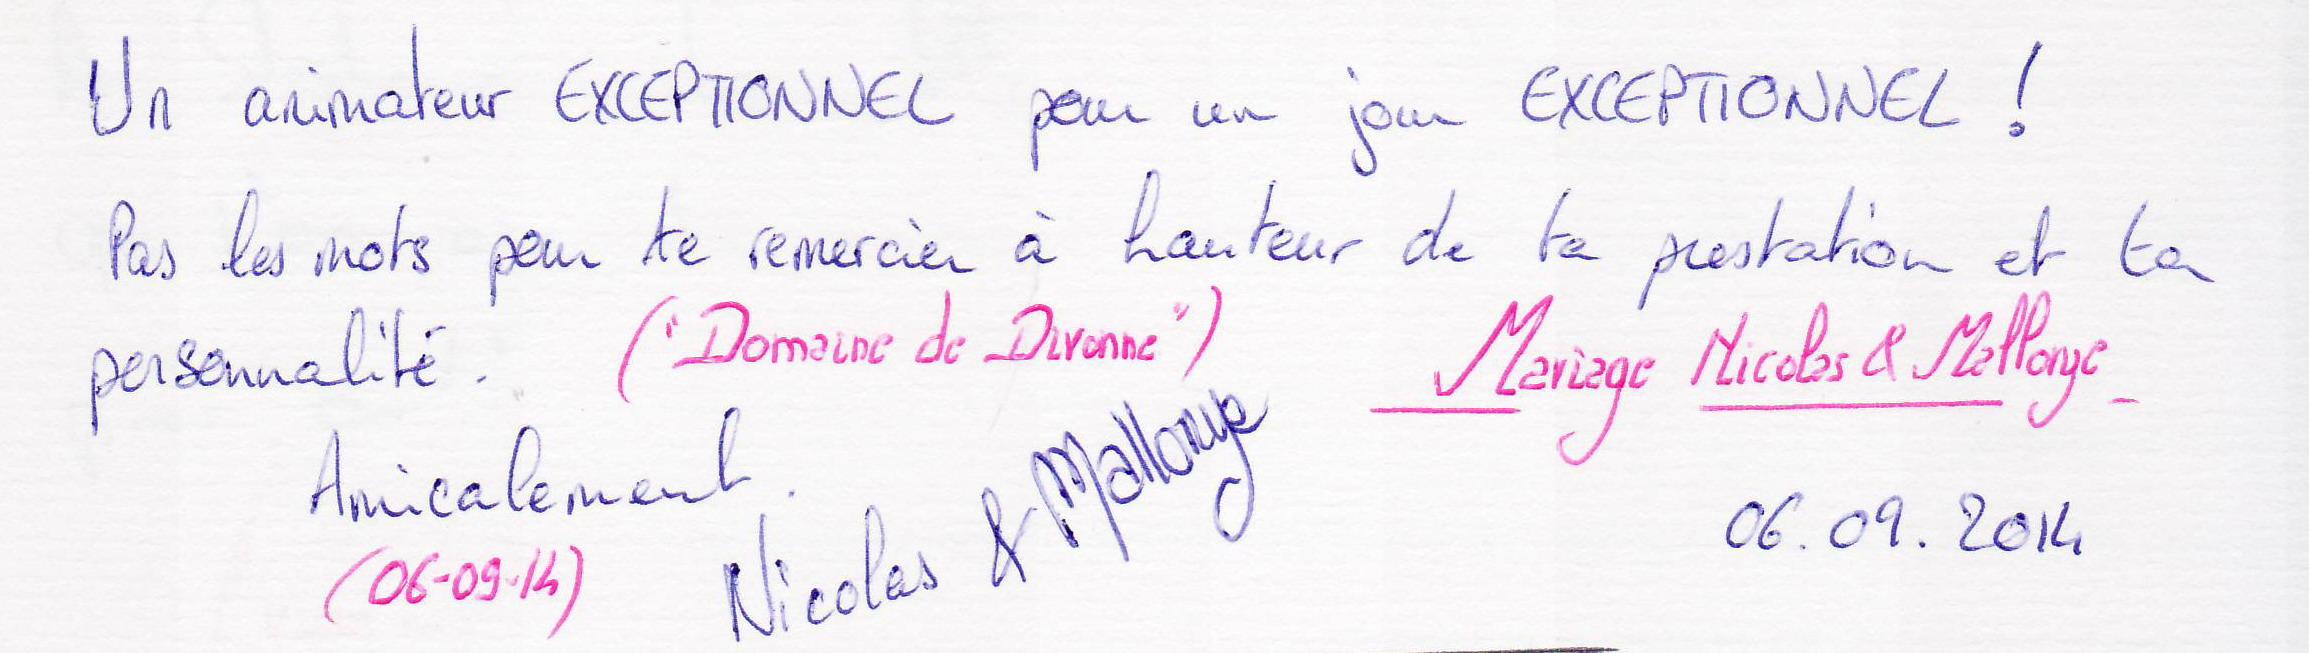 Mariage FOLLET Nicolas & Mallorye (Domaine de Divonne) (06-09-2014)